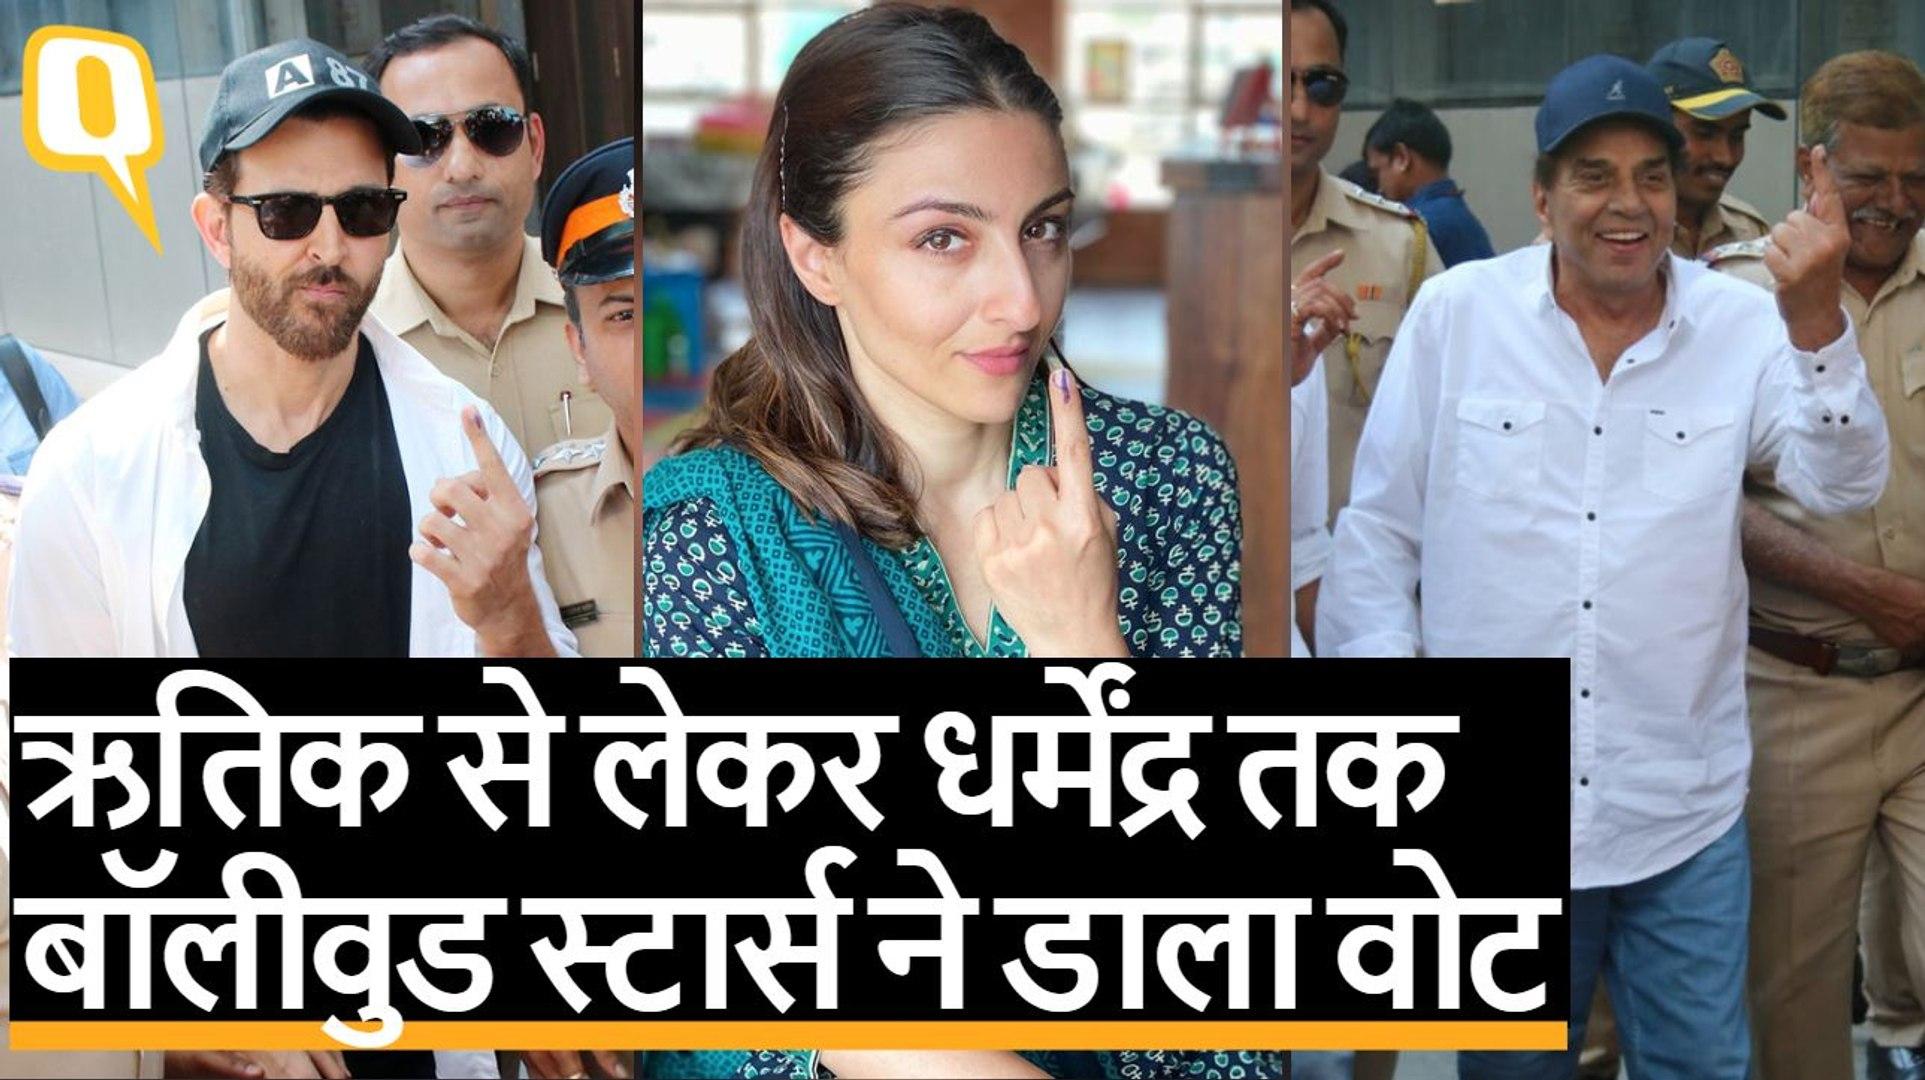 Maharashtra Election: Aamir से लेकर Dia Mirza समेत Bollywood के कई सितारों ने किया वोट. Quint Hindi